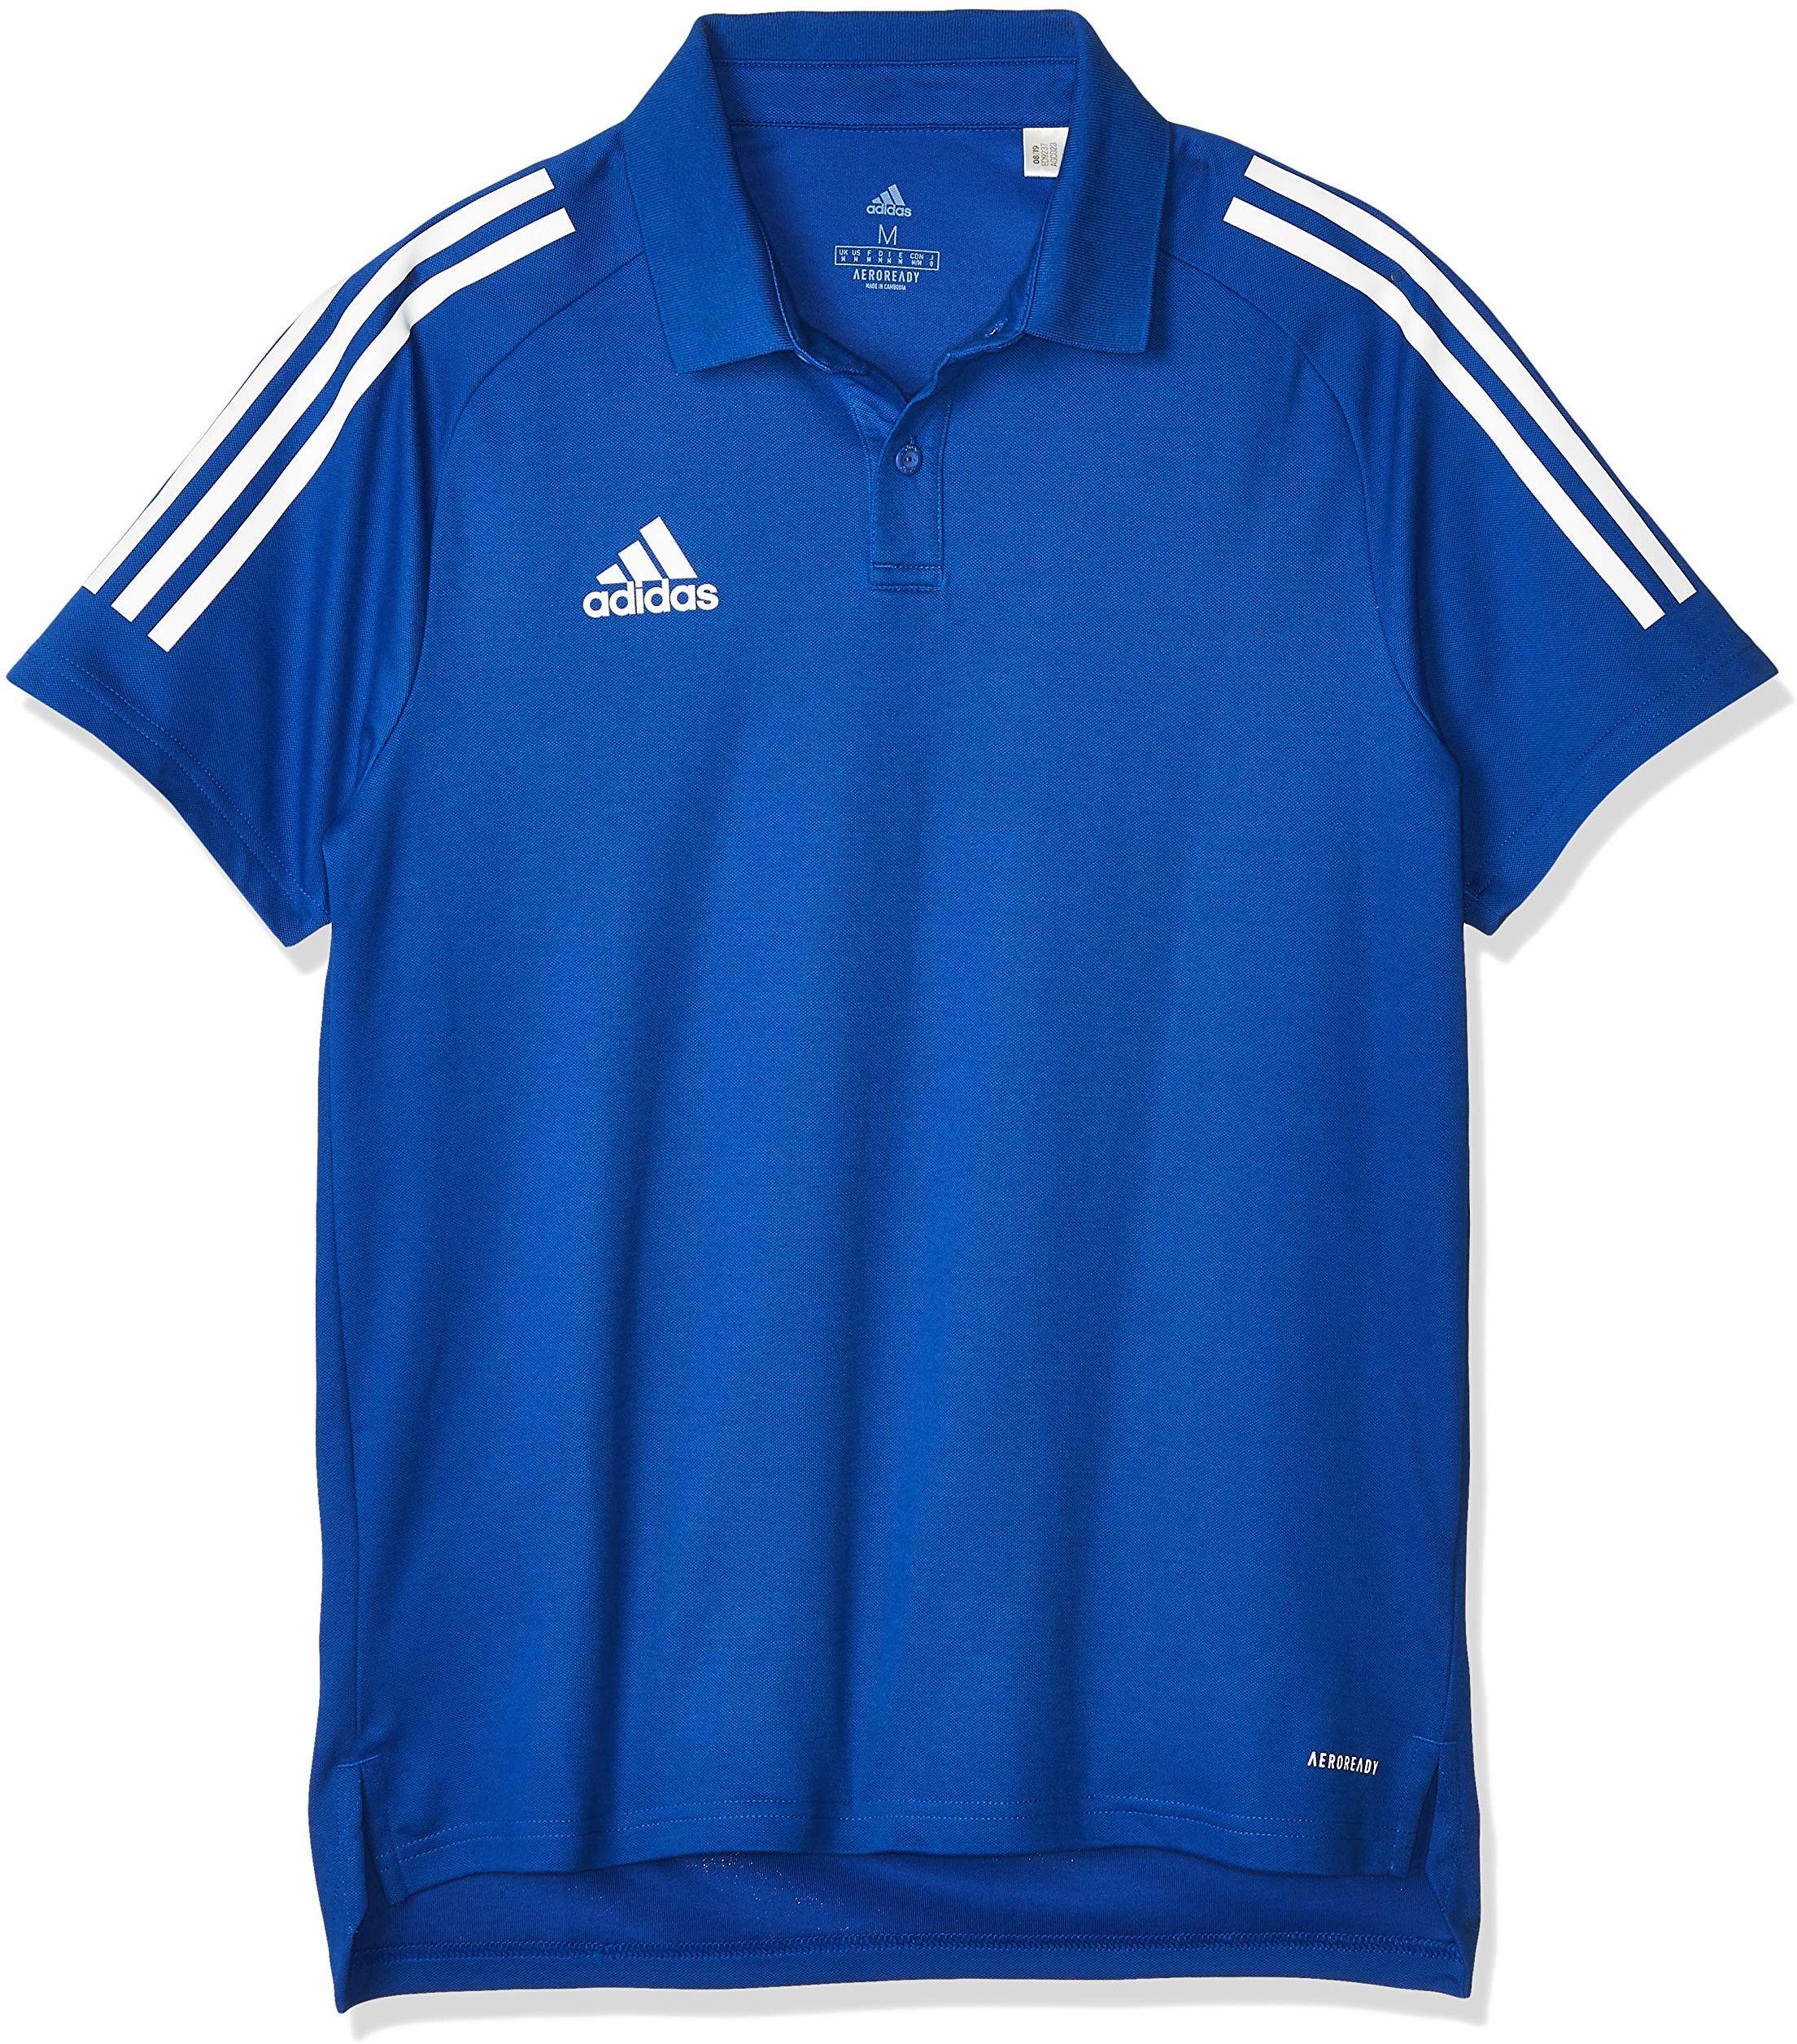 Adidas męska koszulka polo CON20 POLO, team royal blue/white, L, ED9237